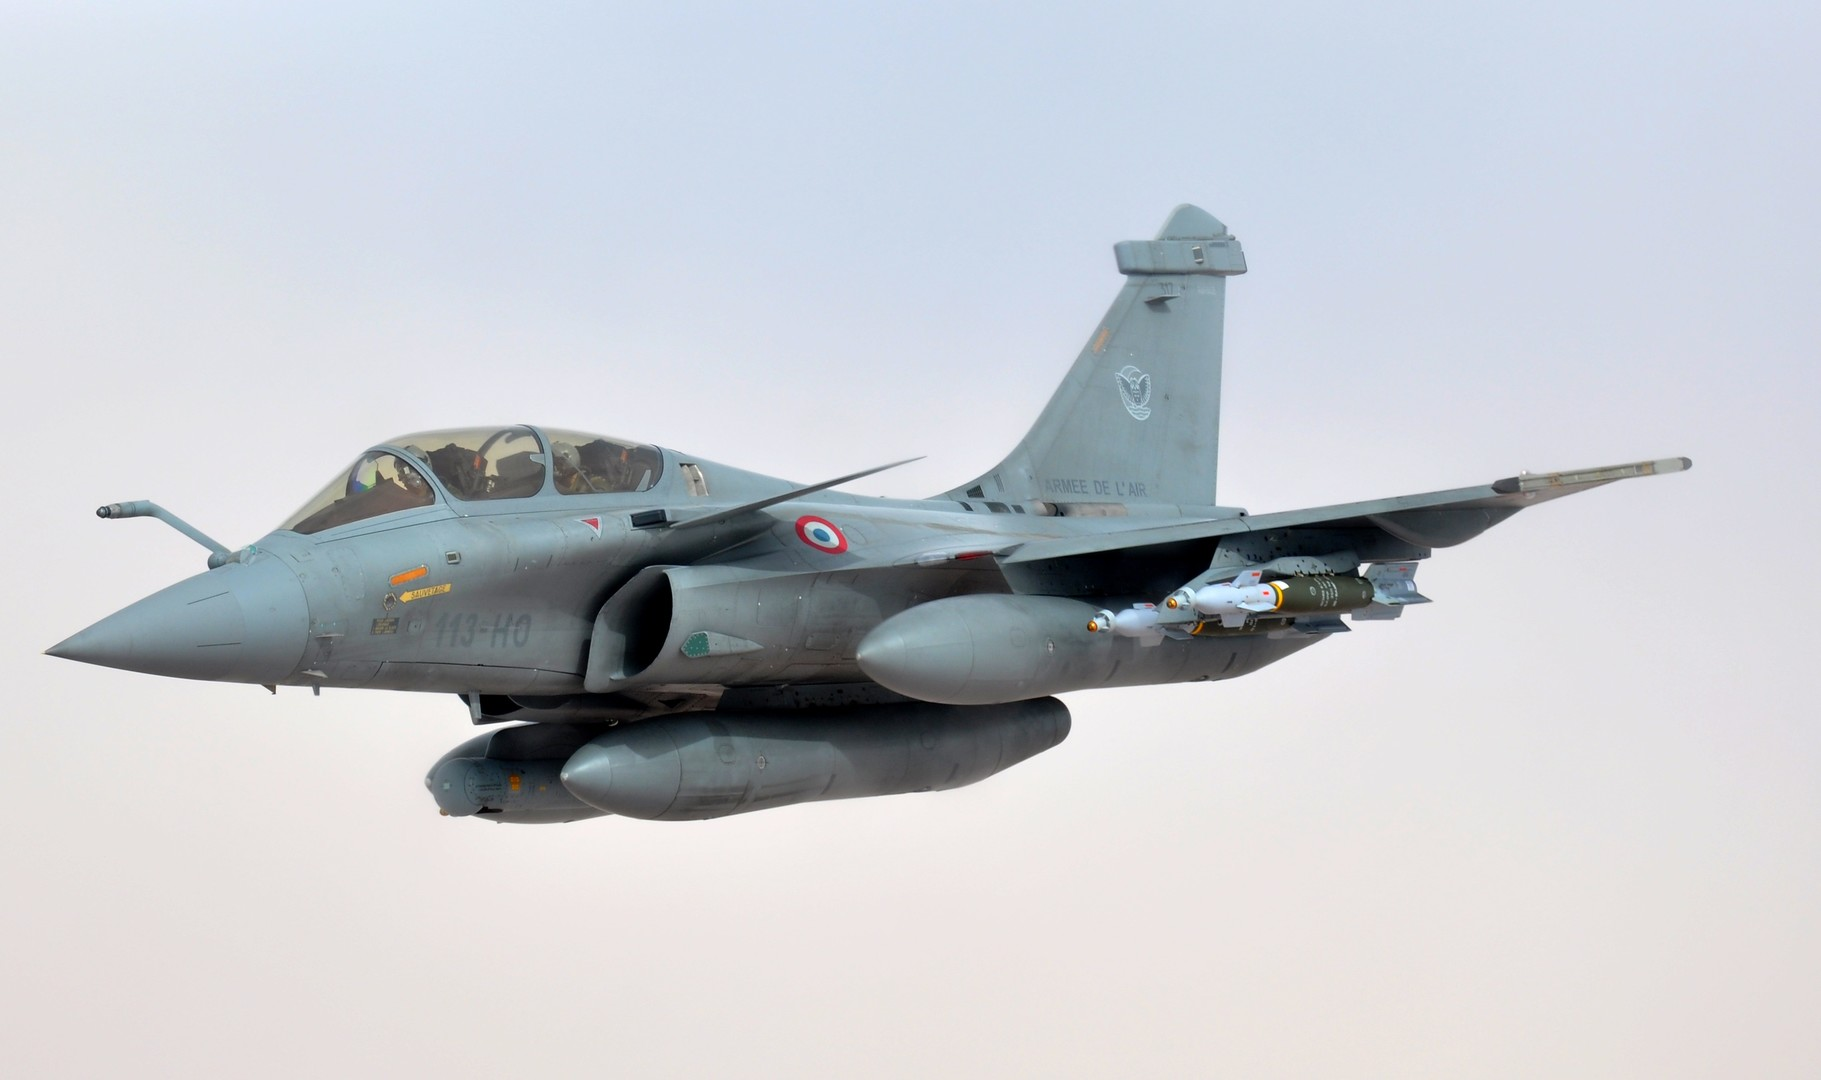 Après 20 ans de disette, le groupe Dassault Aviation a réussi à vendre près de 24 Rafale à l'Egypte en février 2015 et le même nombre d'avions au Qatar au mois de mai dernier (Source: Wikipedia)